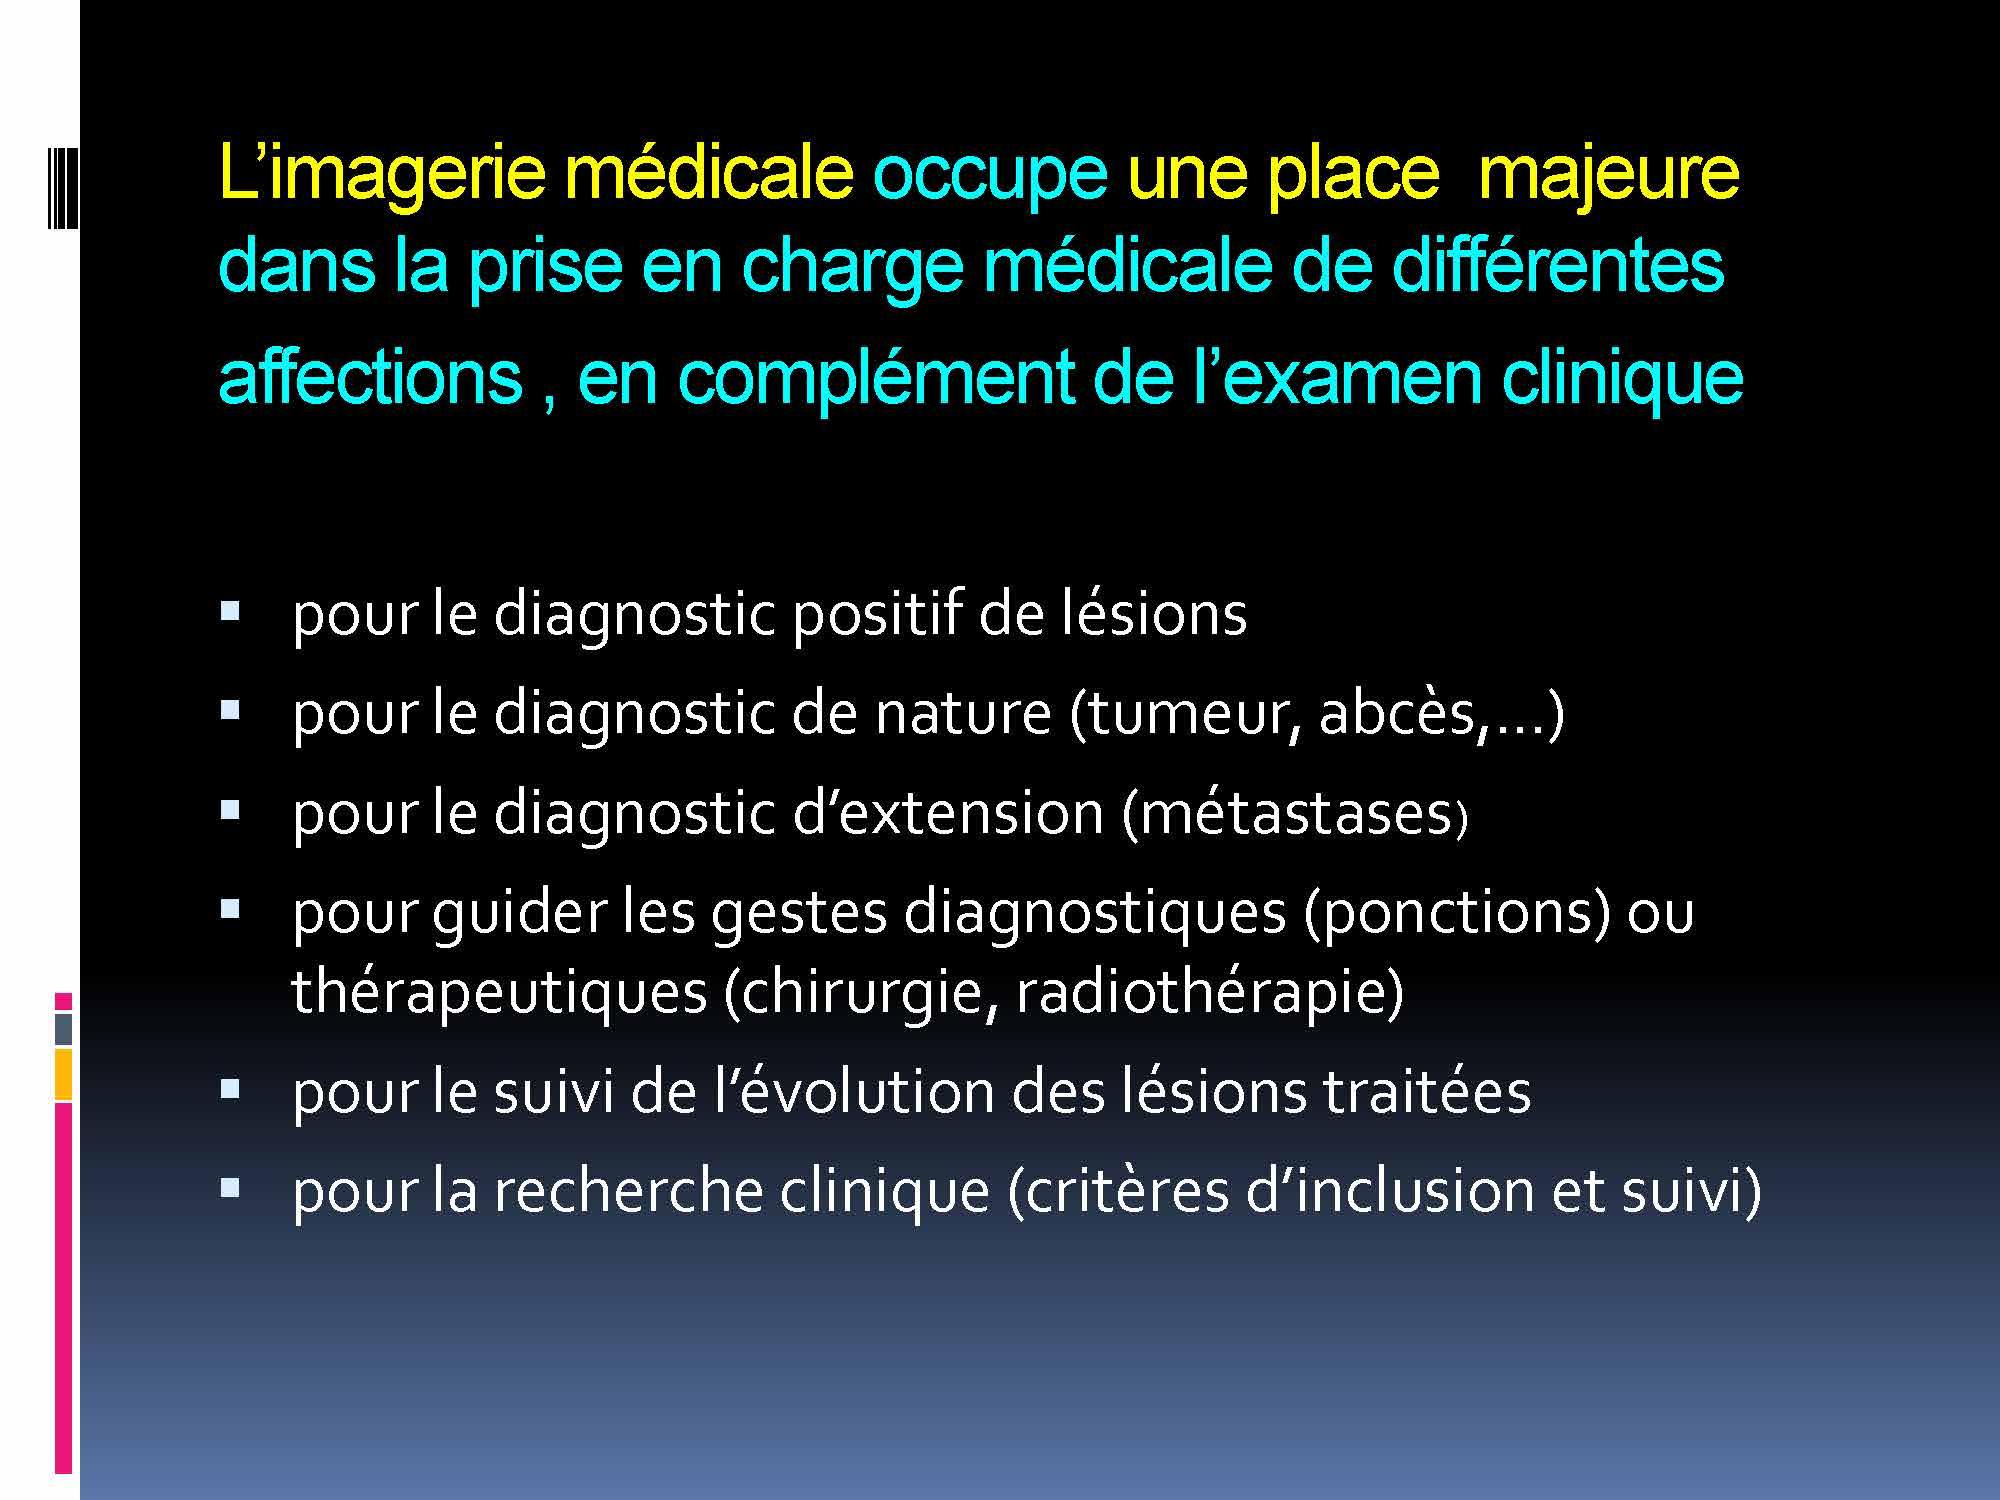 Imagerie médicale Lyon 5-12 -2017_Page_04